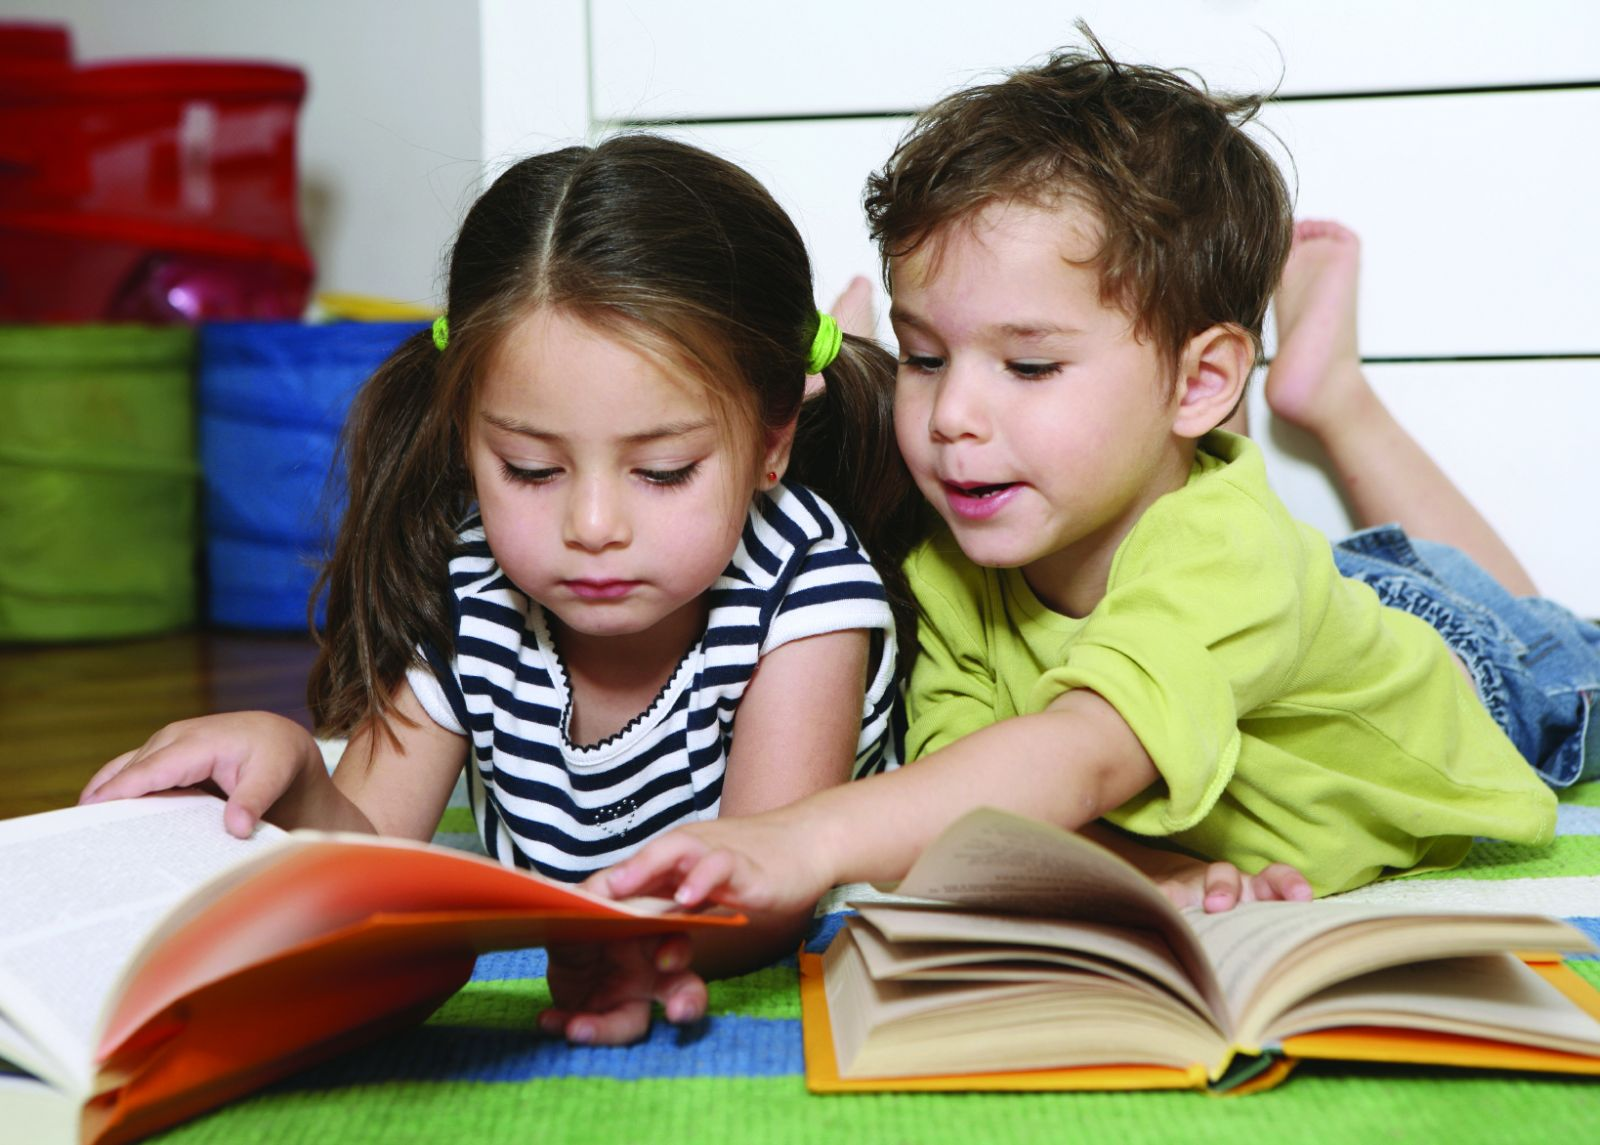 Mẹo giúp trẻ đọc nhiều sách hơn trong năm mới 2019 (Ảnh: blog.beamingbooks.com)